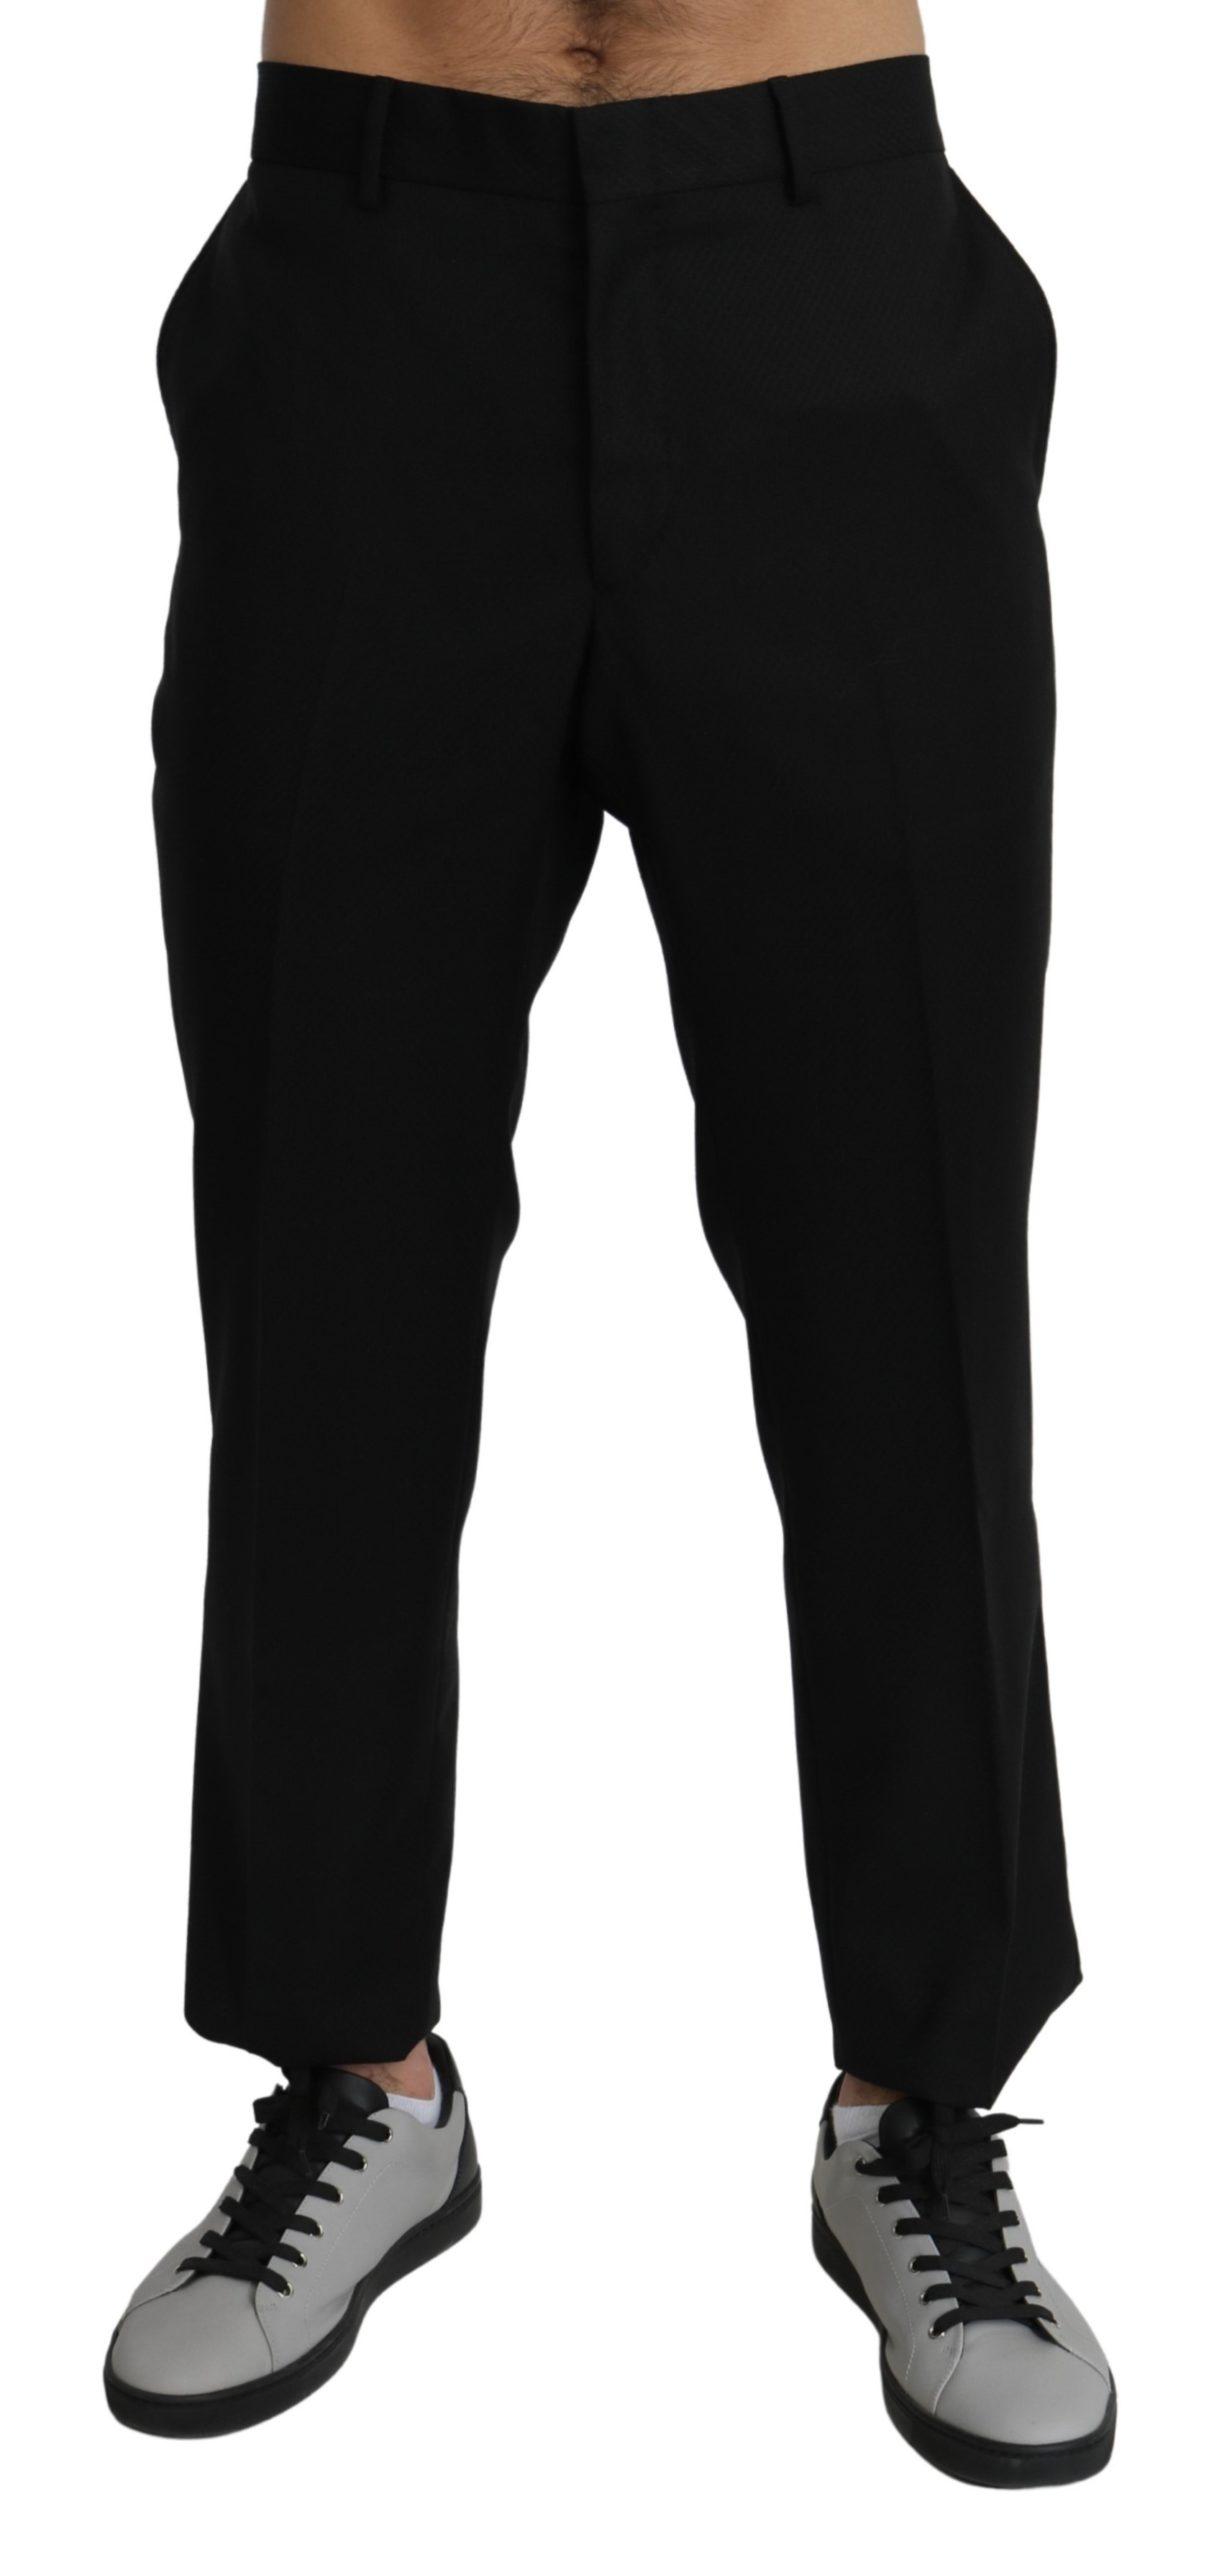 Dolce & Gabbana Men's Cotton Wool Formal Dress Trouser Black PAN71277 - IT56 | XL